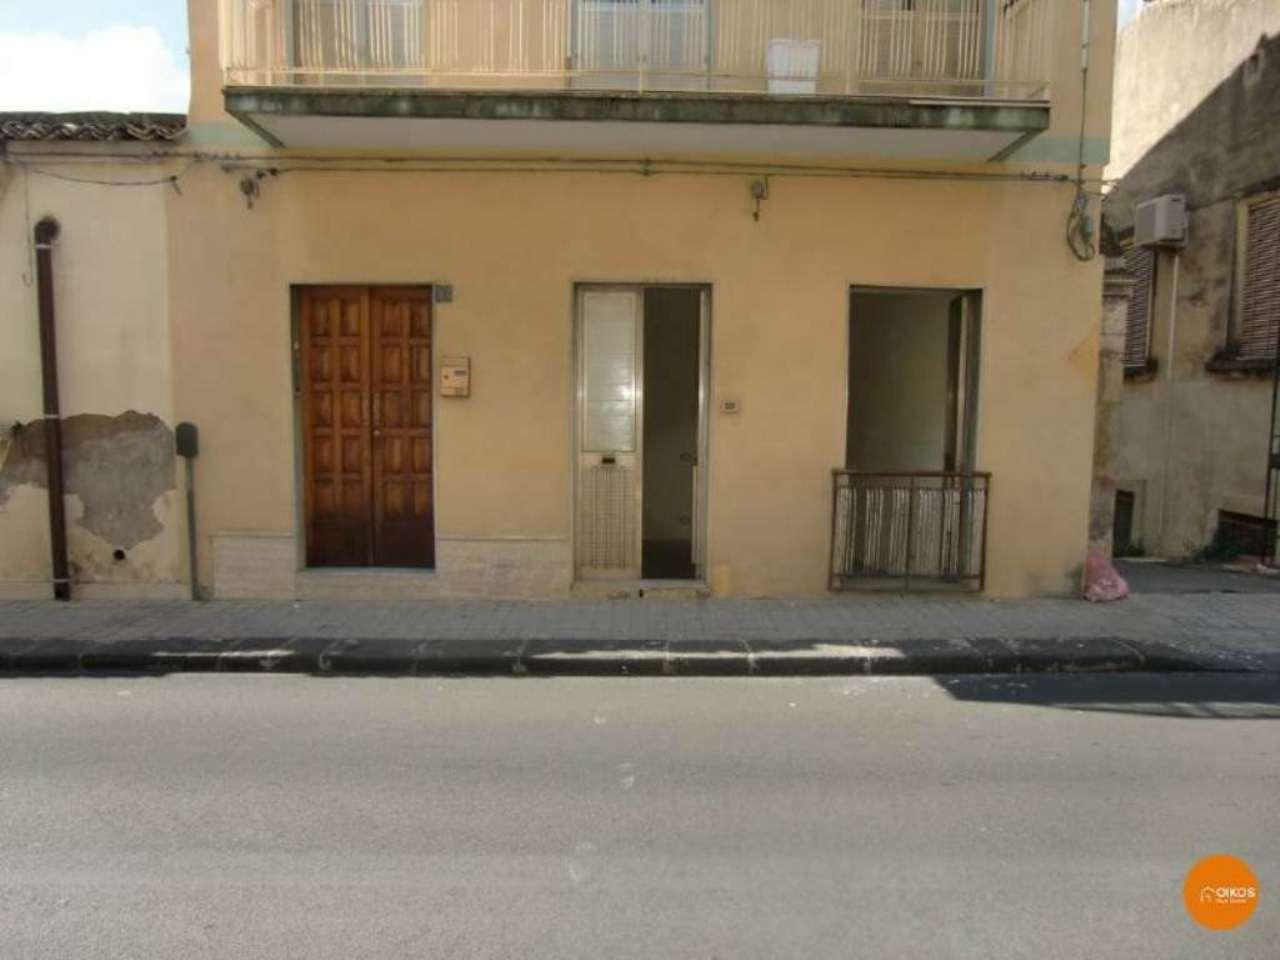 Soluzione Indipendente in vendita a Noto, 4 locali, prezzo € 45.000 | CambioCasa.it